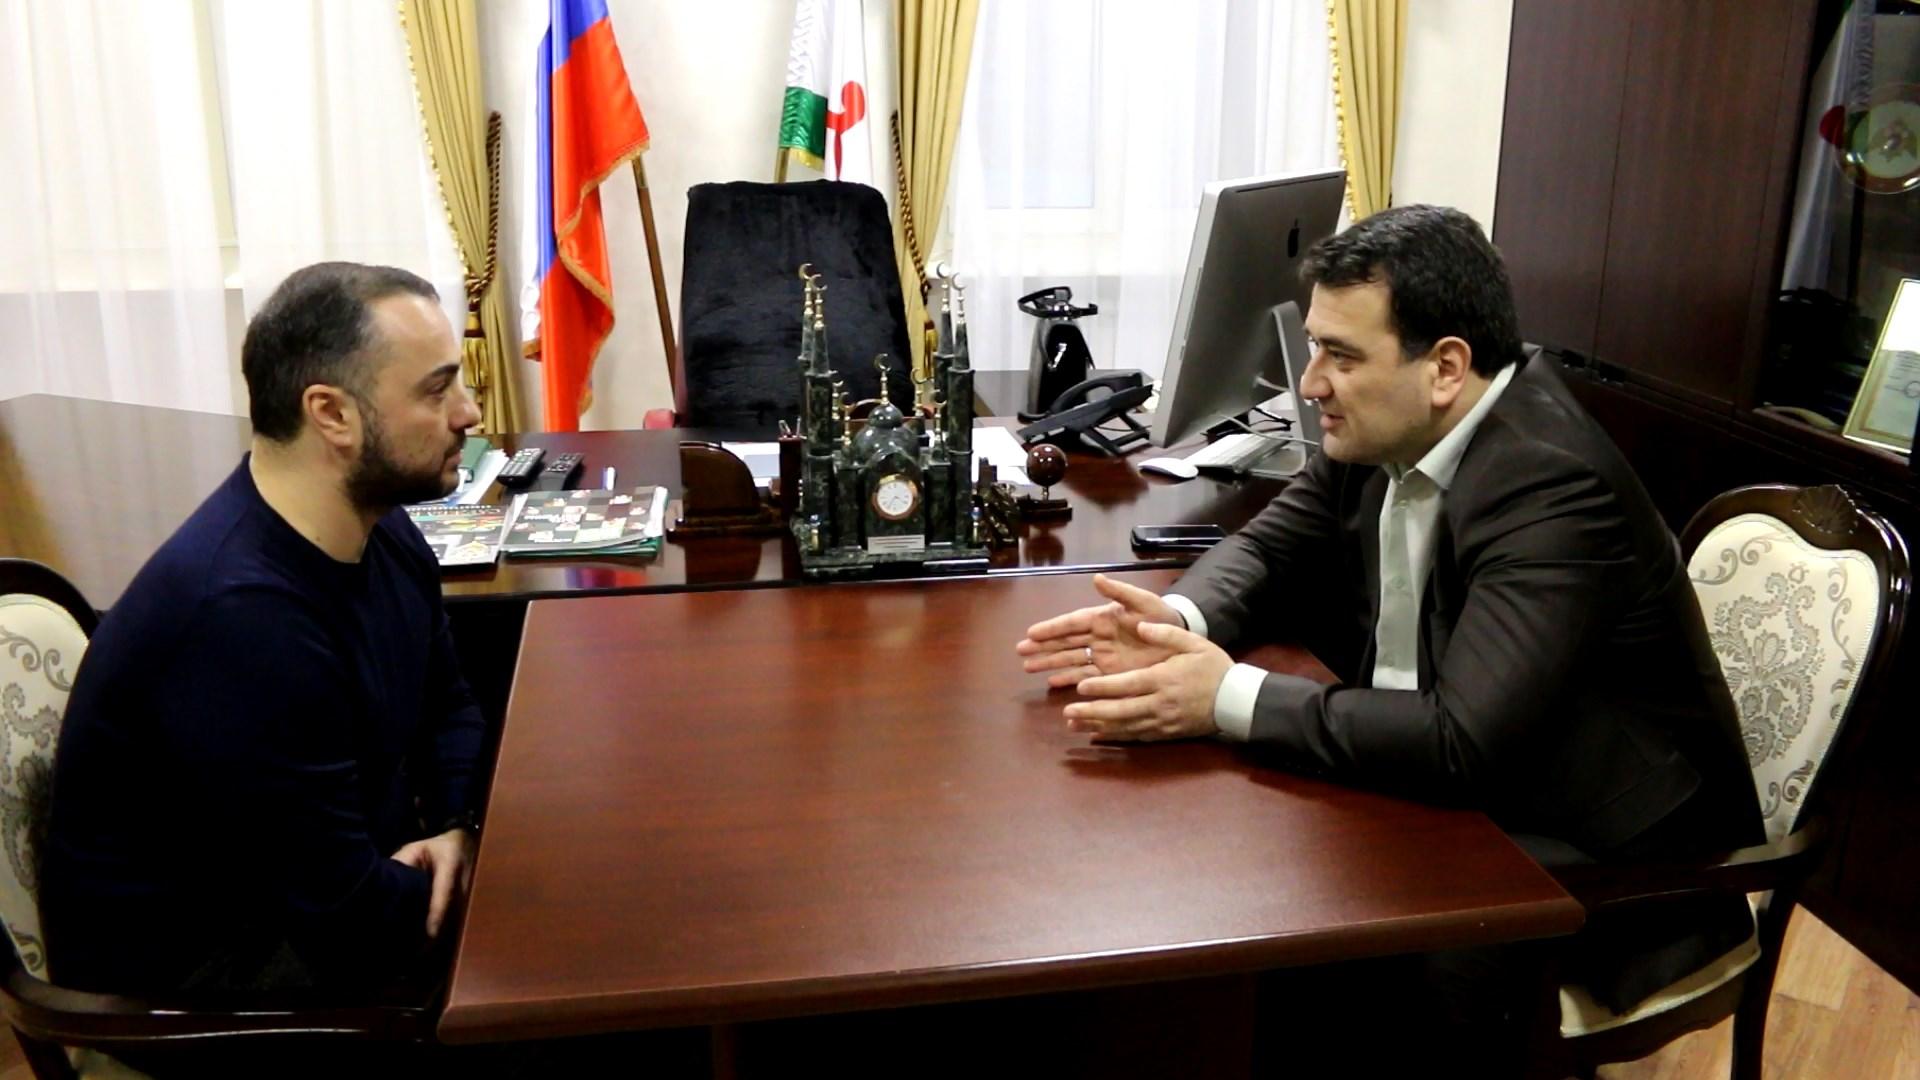 Генеральный директор Comedy Club Production Андрей Левин на встрече с Алиханом Цечоевым